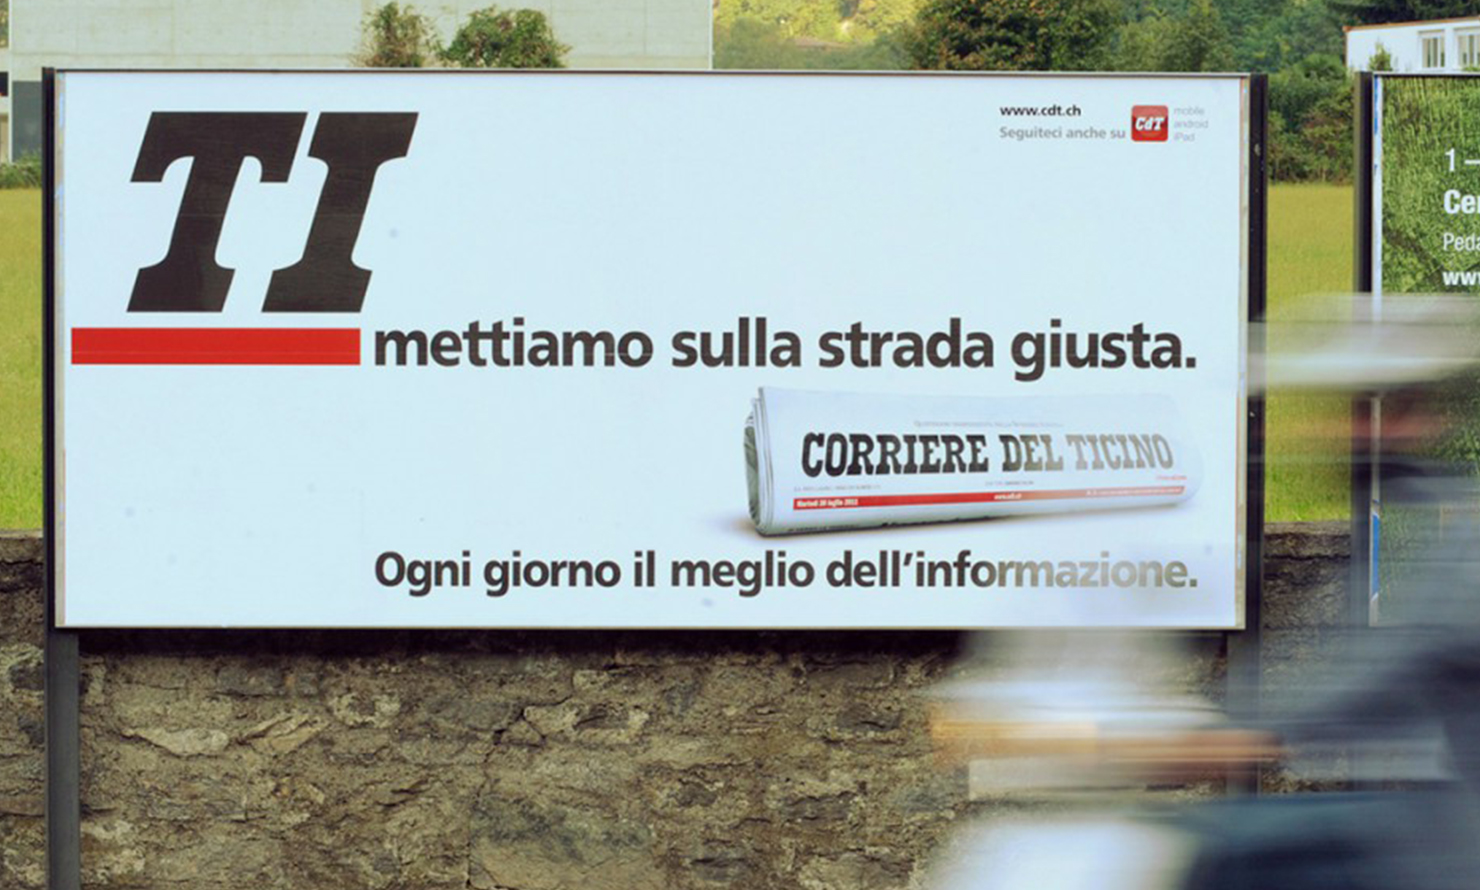 https://kubelibre.com/uploads/Slider-work-tutti-clienti/corriere-del-ticino-portiamo-dentro-la-notizia-3.jpg